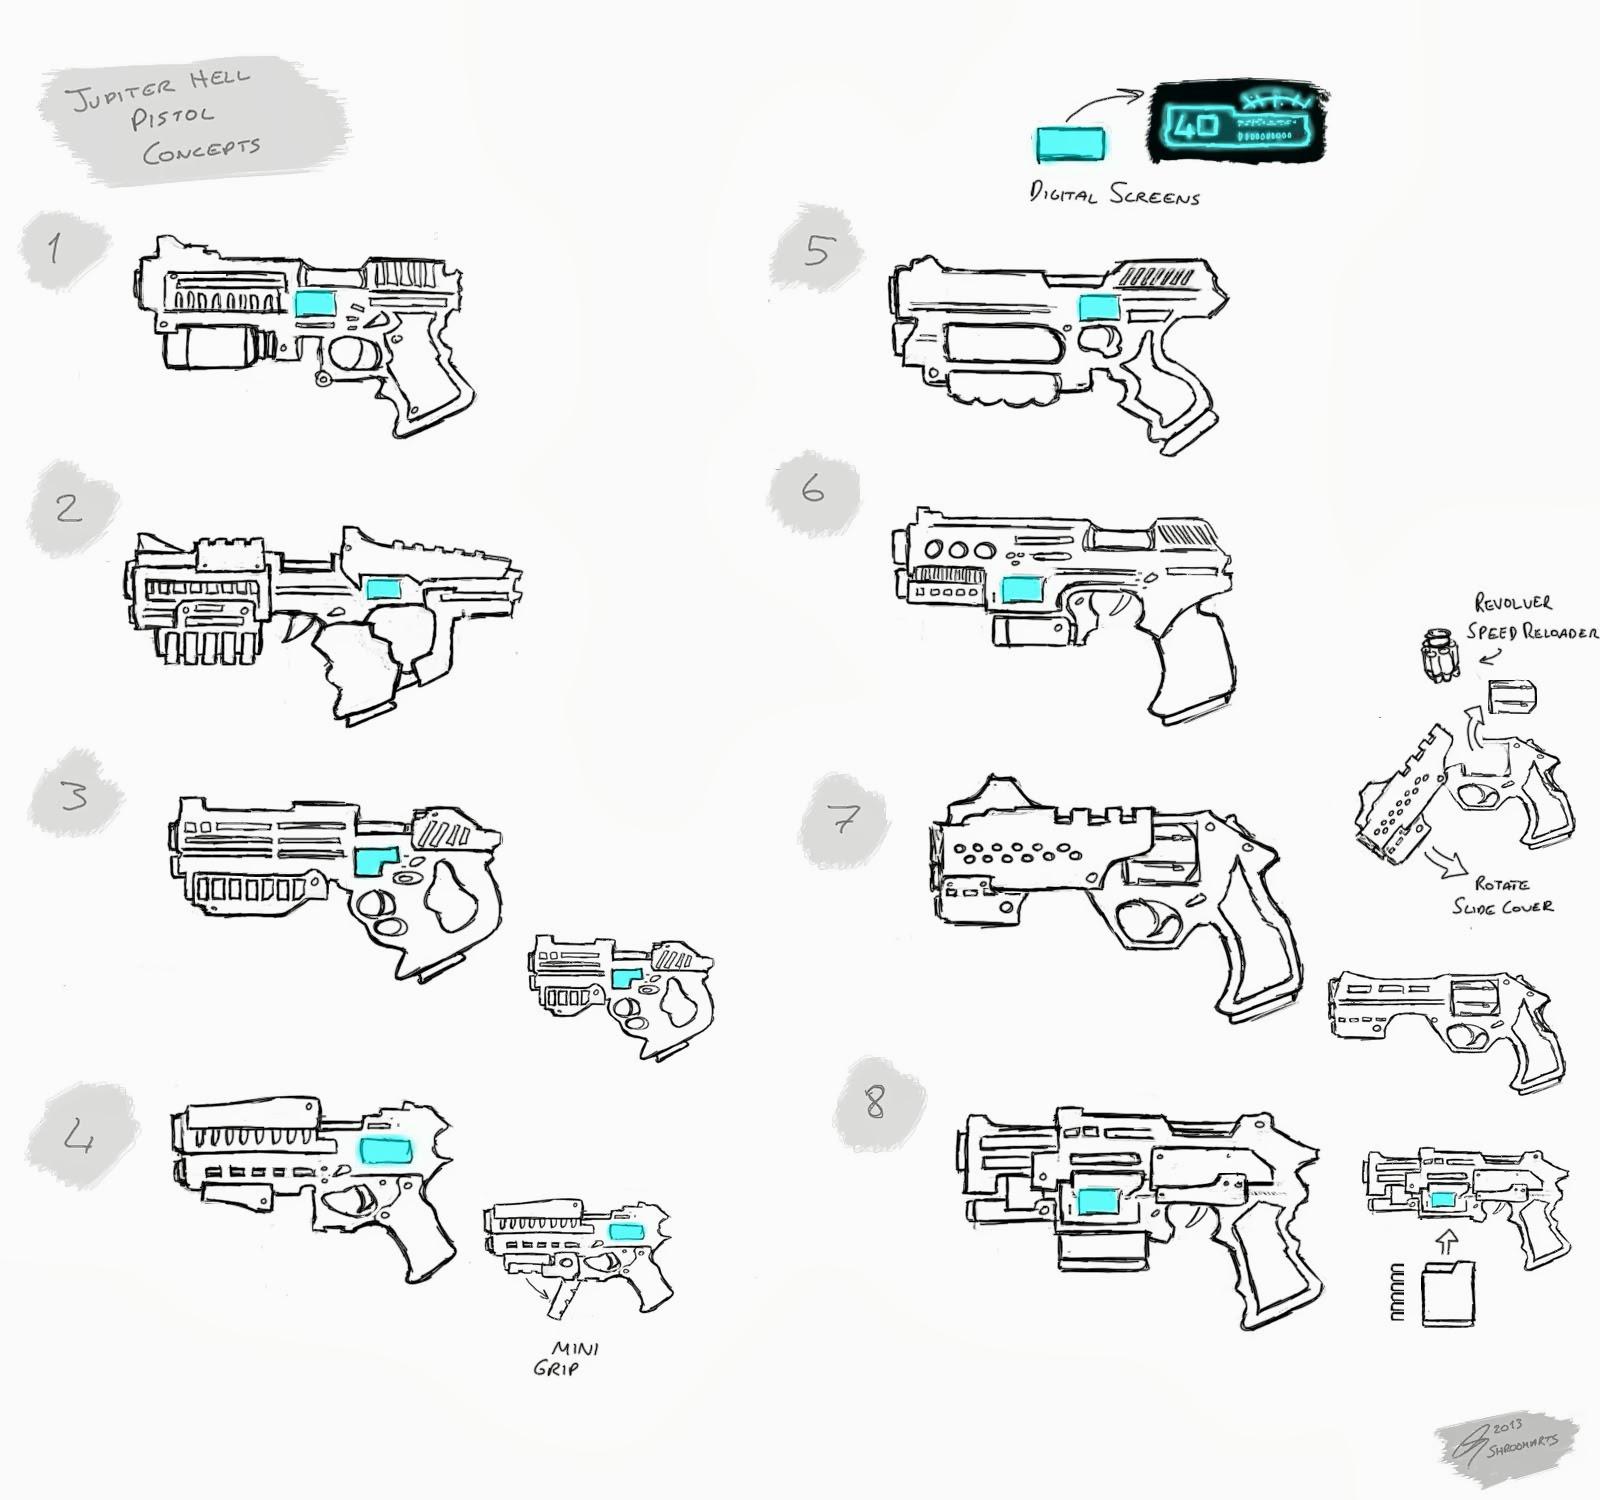 Jupiter Hell - Pistol concepts